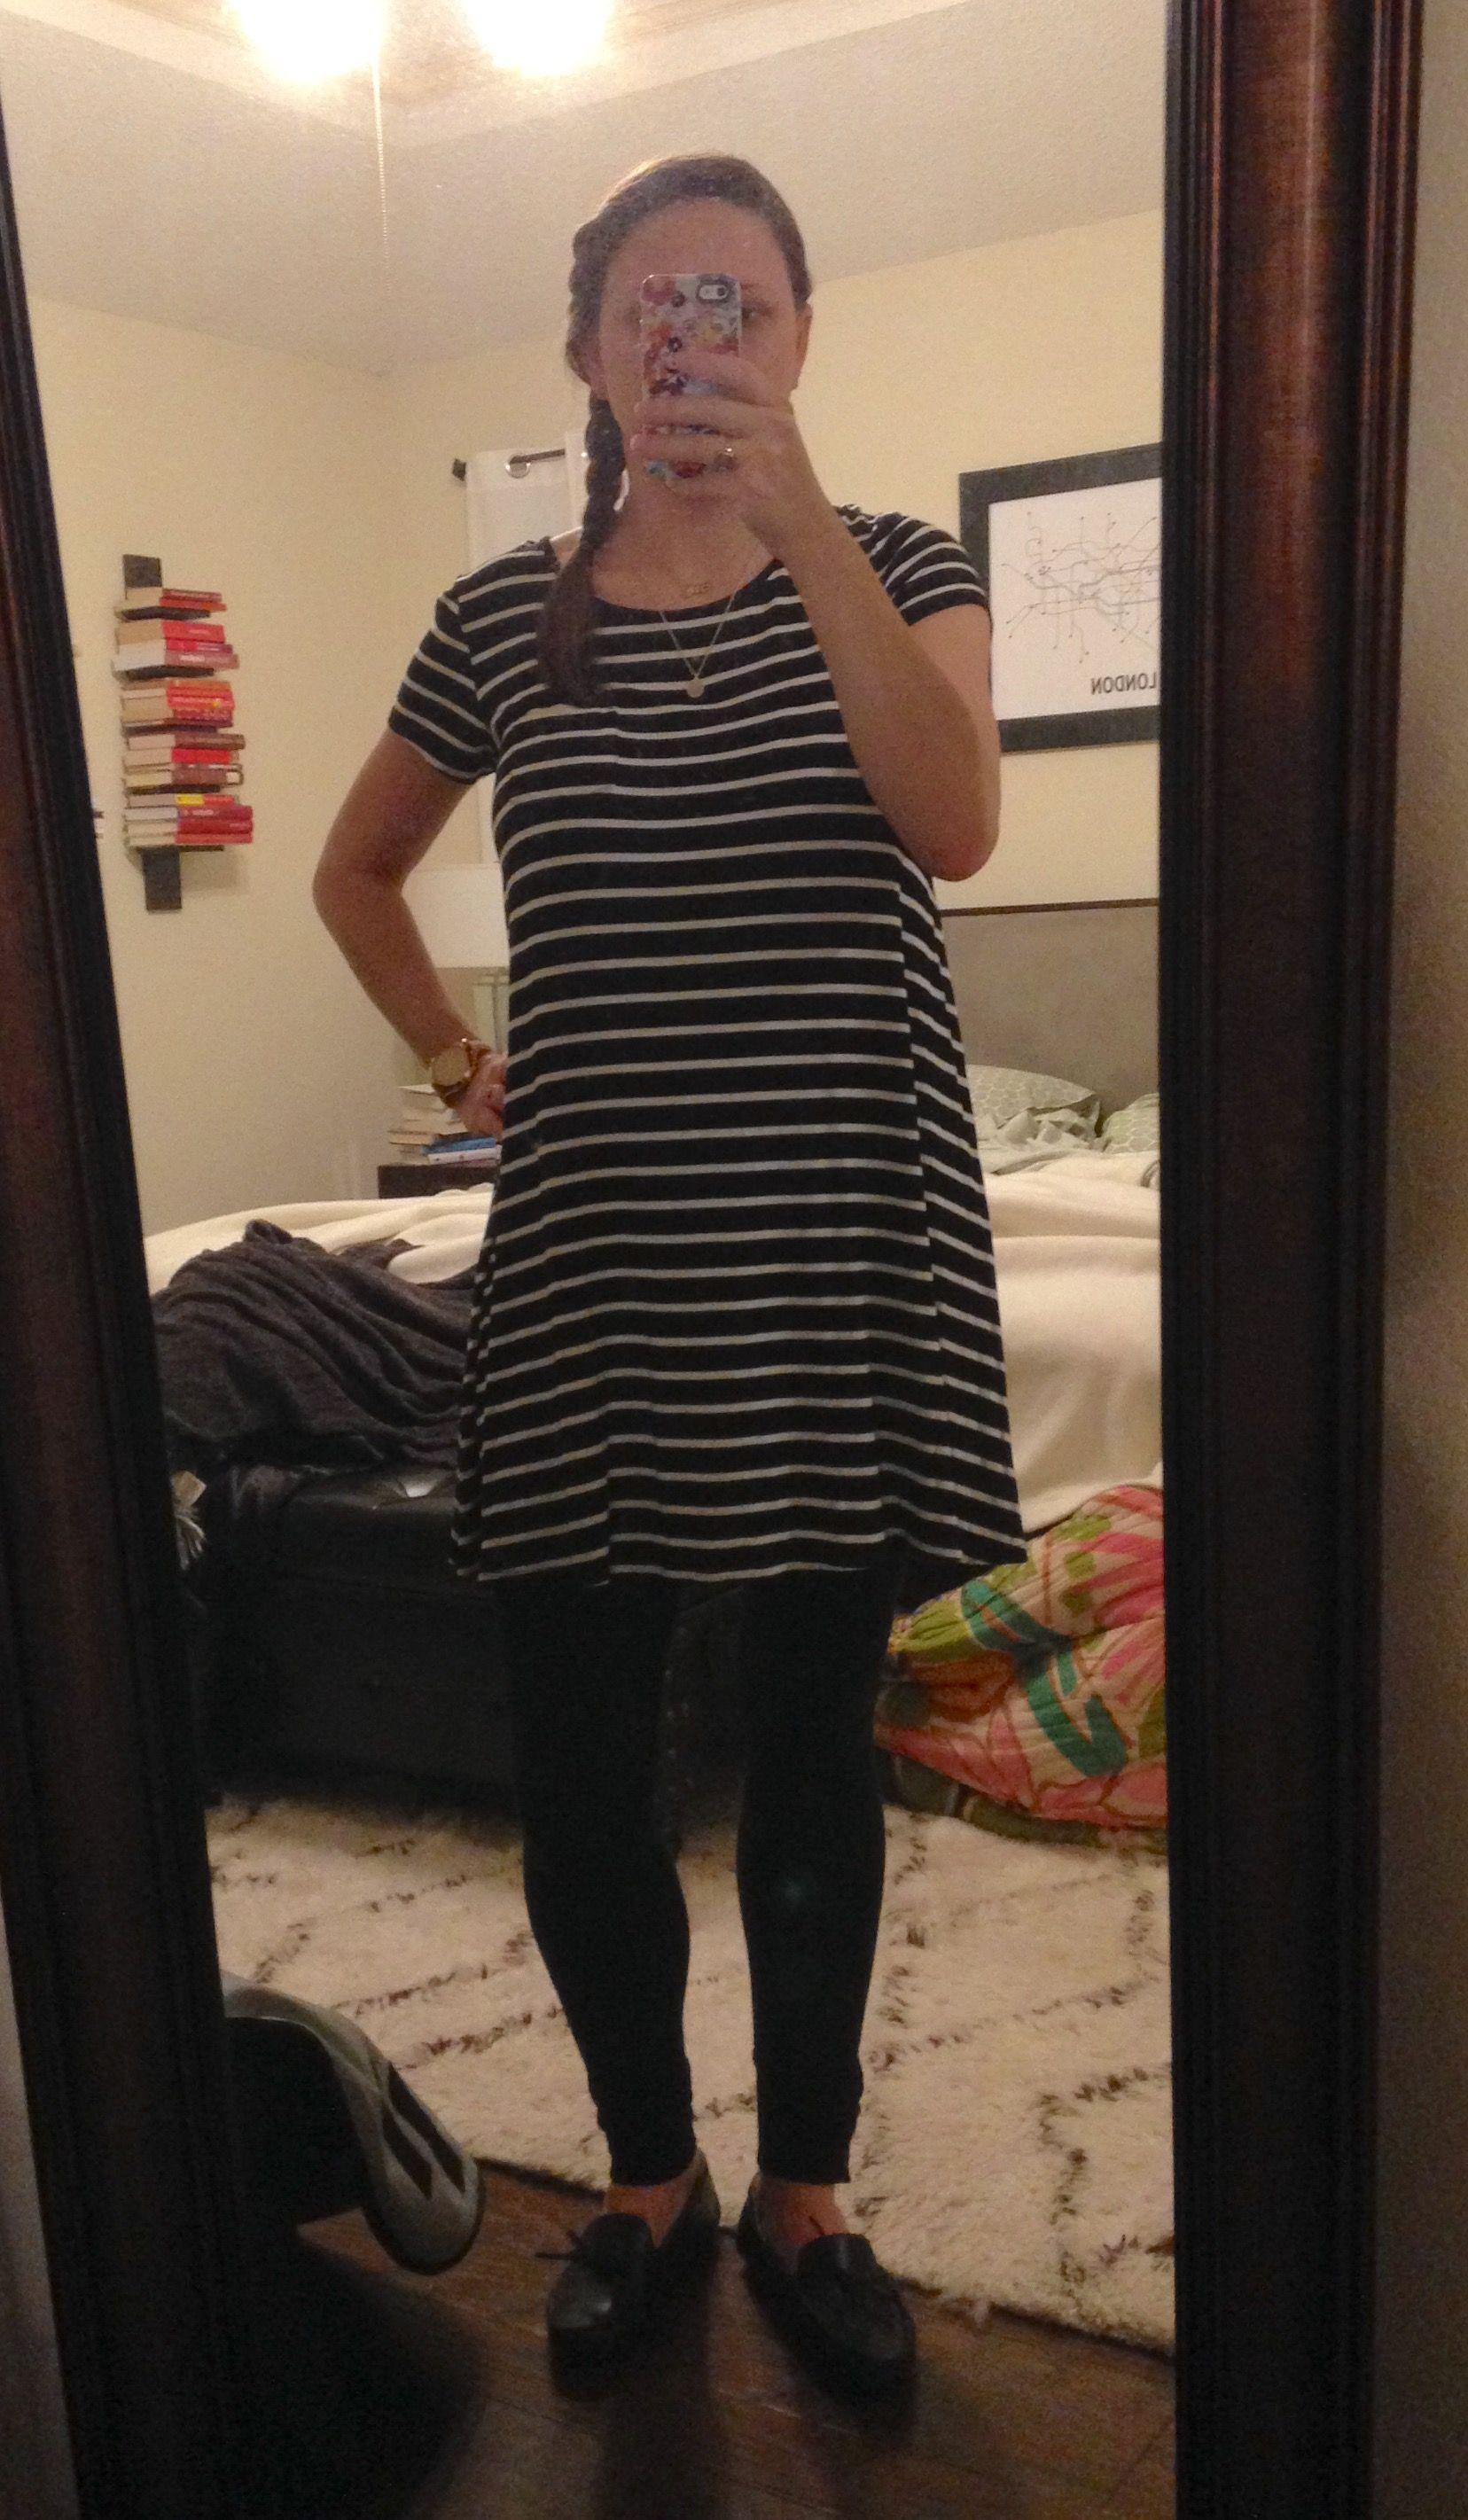 Ootd Work Shirt Dress Striped T Shirt Dress T Shirt Dress [ 2843 x 1656 Pixel ]